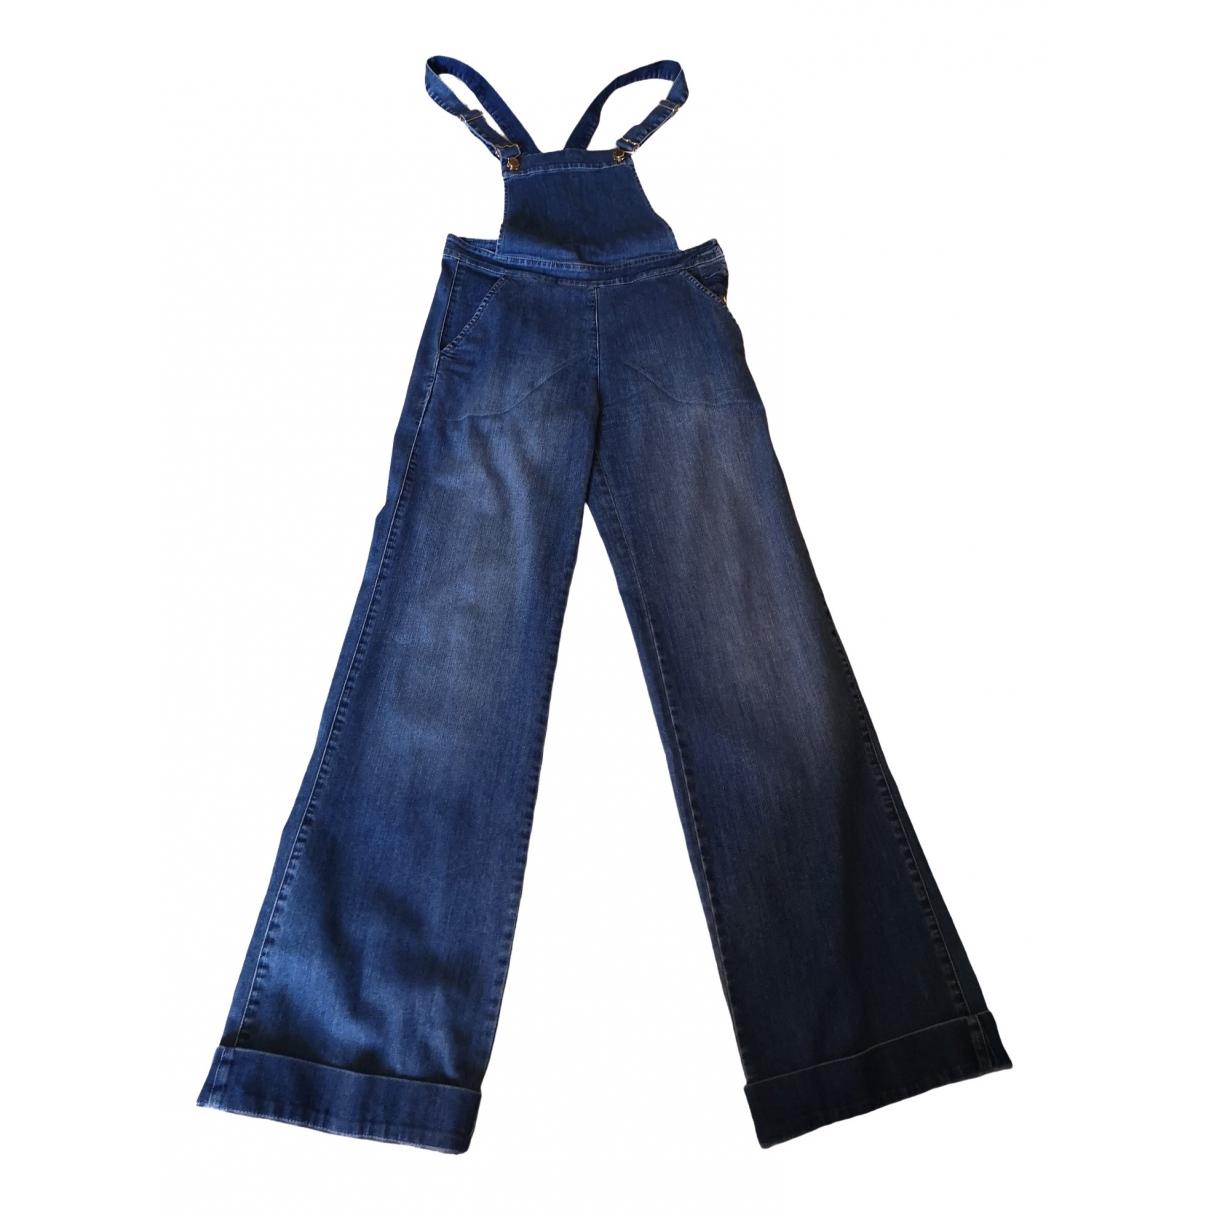 Max & Co \N Blue Denim - Jeans jumpsuit for Women 42 IT